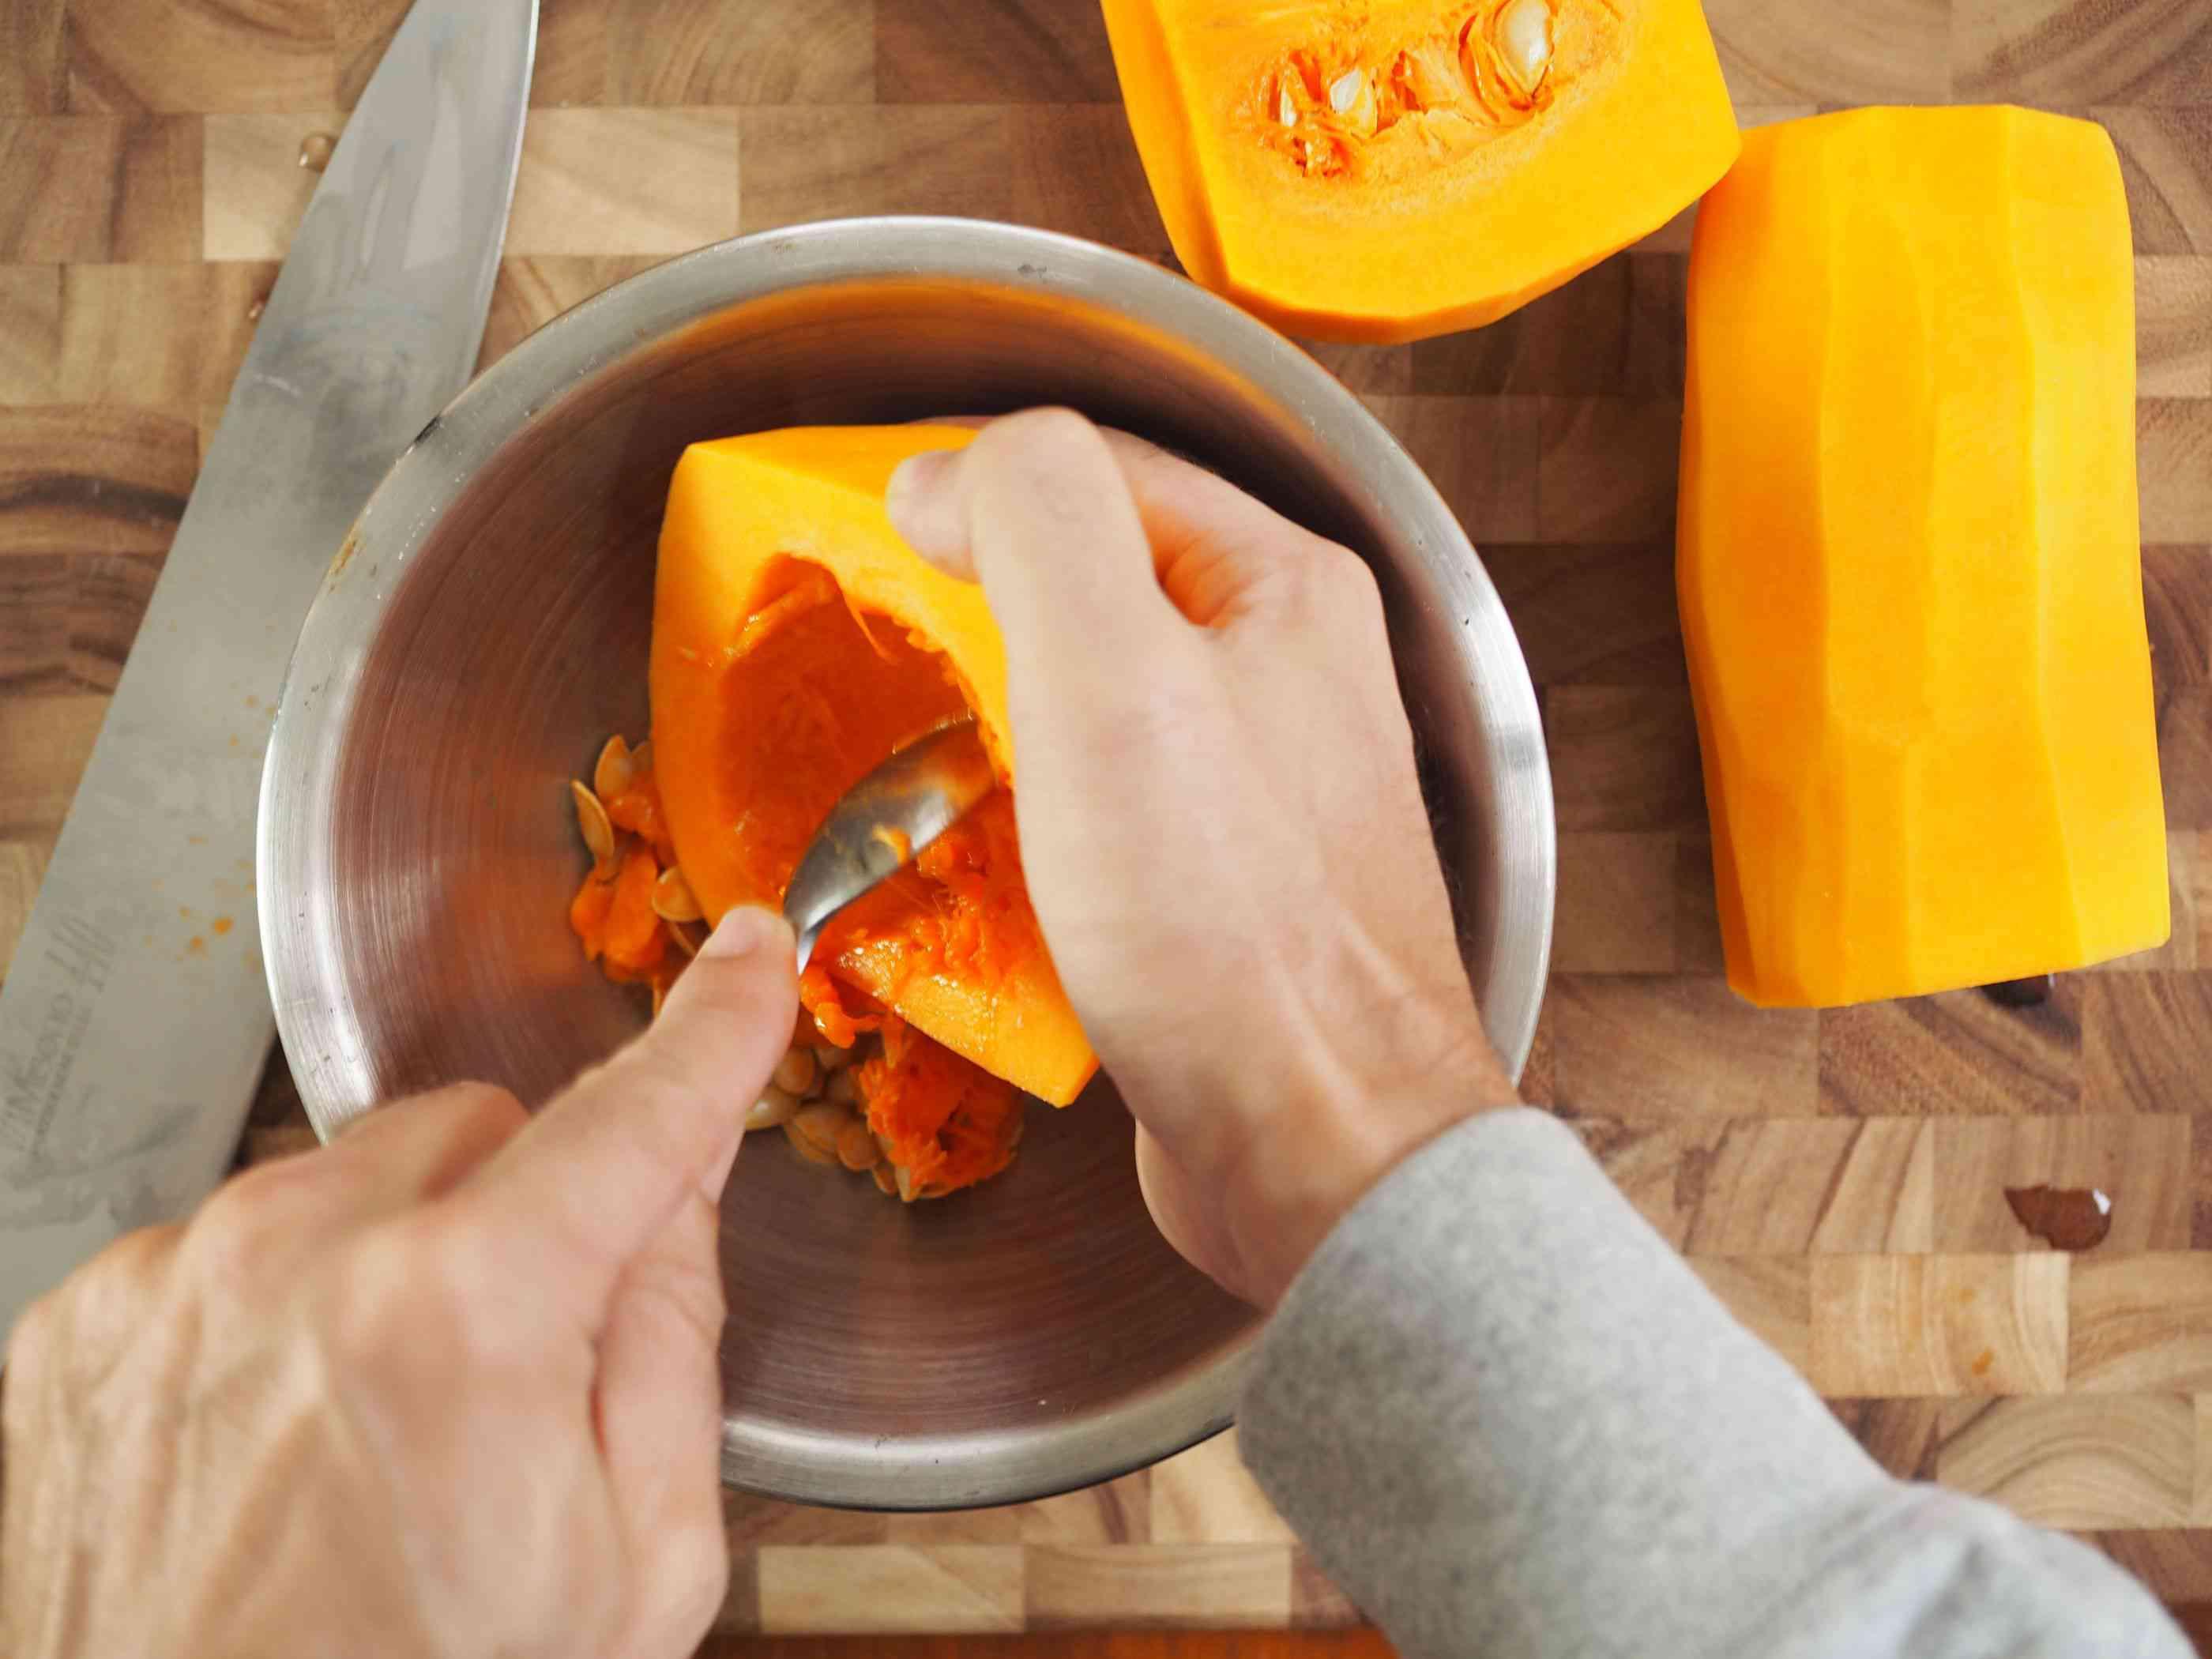 20141008-knife-skills-butternut-squash-daniel-gritzer18.jpg